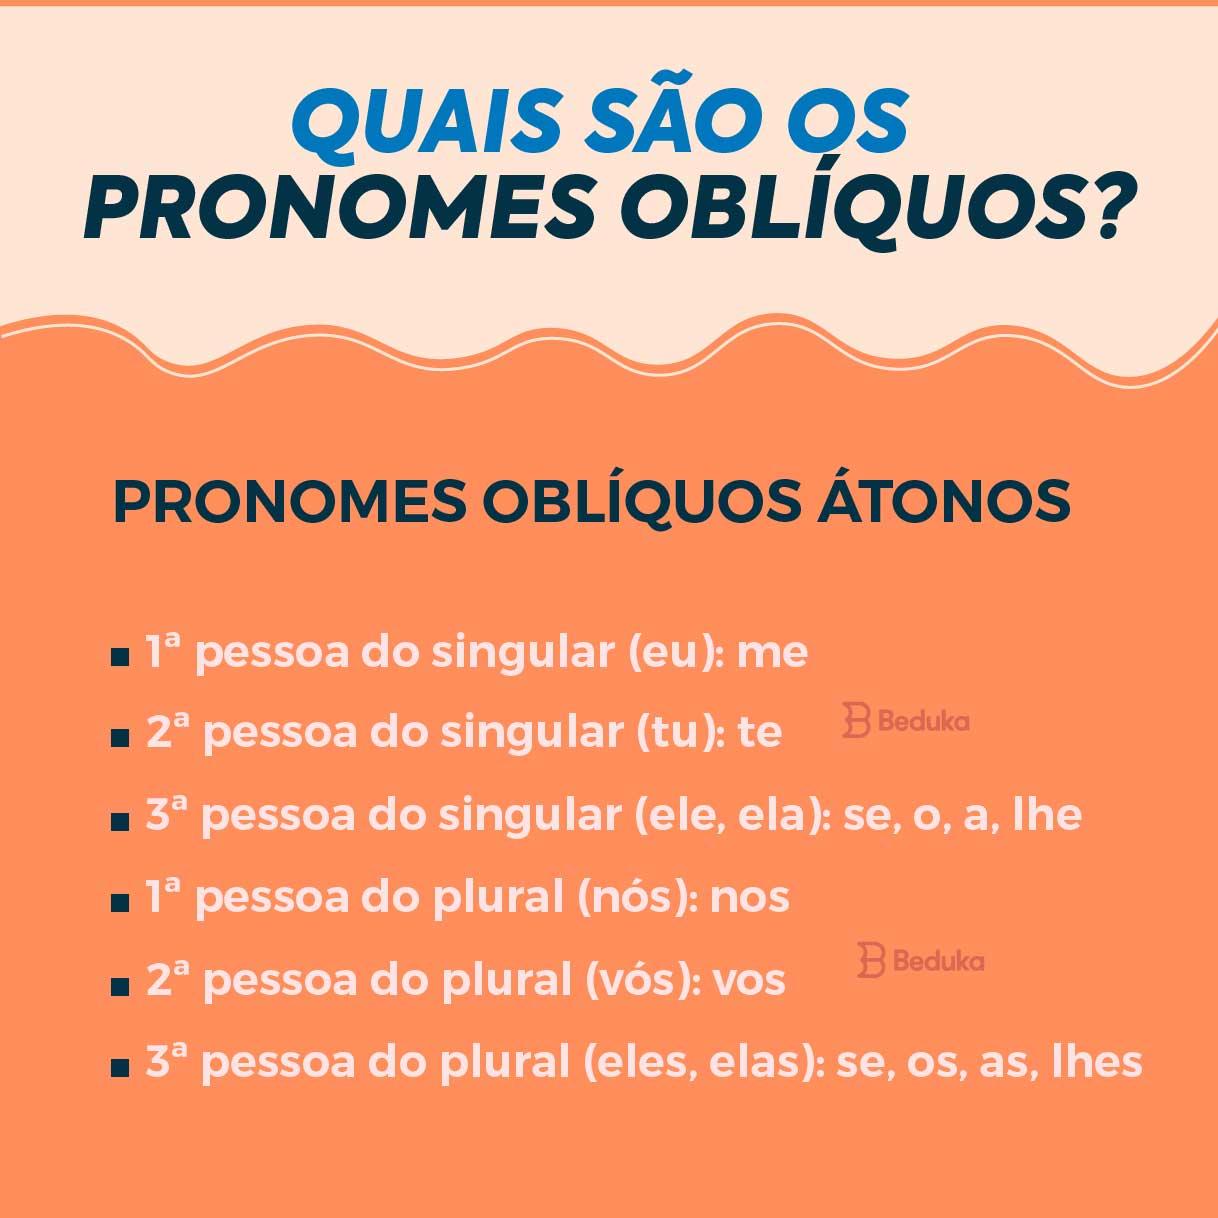 quais são os pronomes obliquos átonos